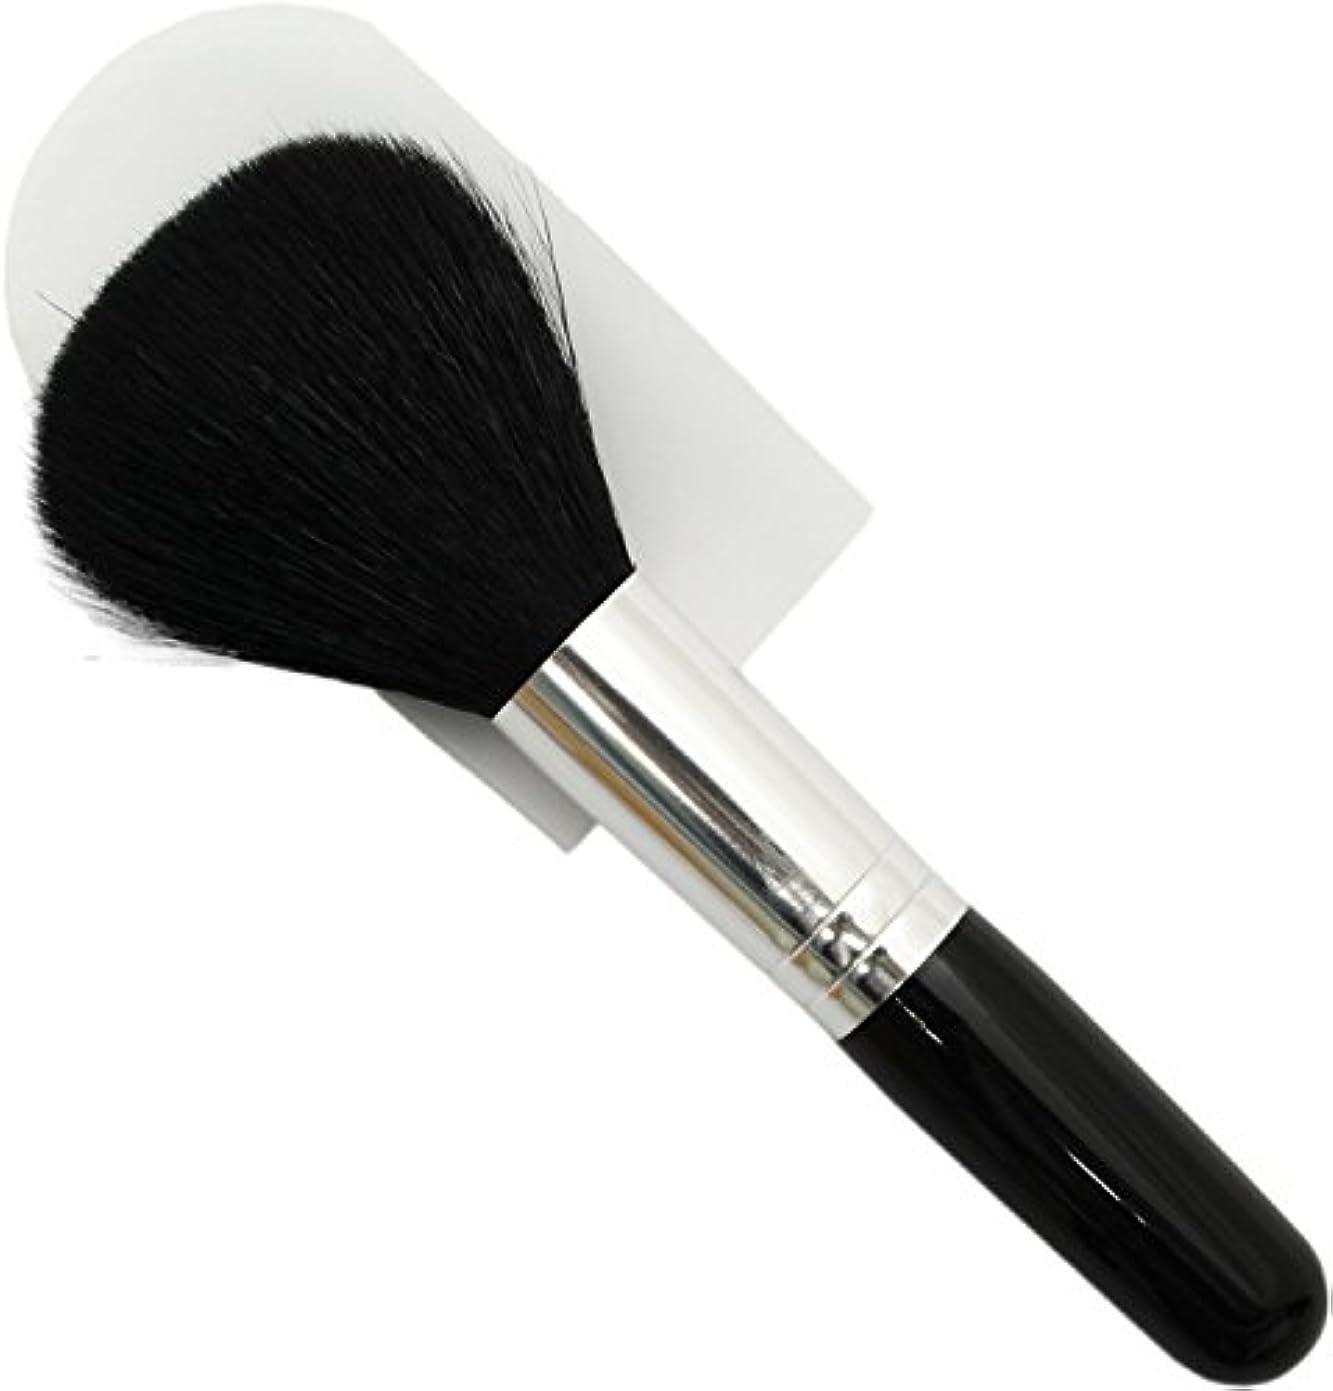 大声で視力北米熊野筆 メイクブラシ KUシリーズ パウダーブラシ 山羊毛